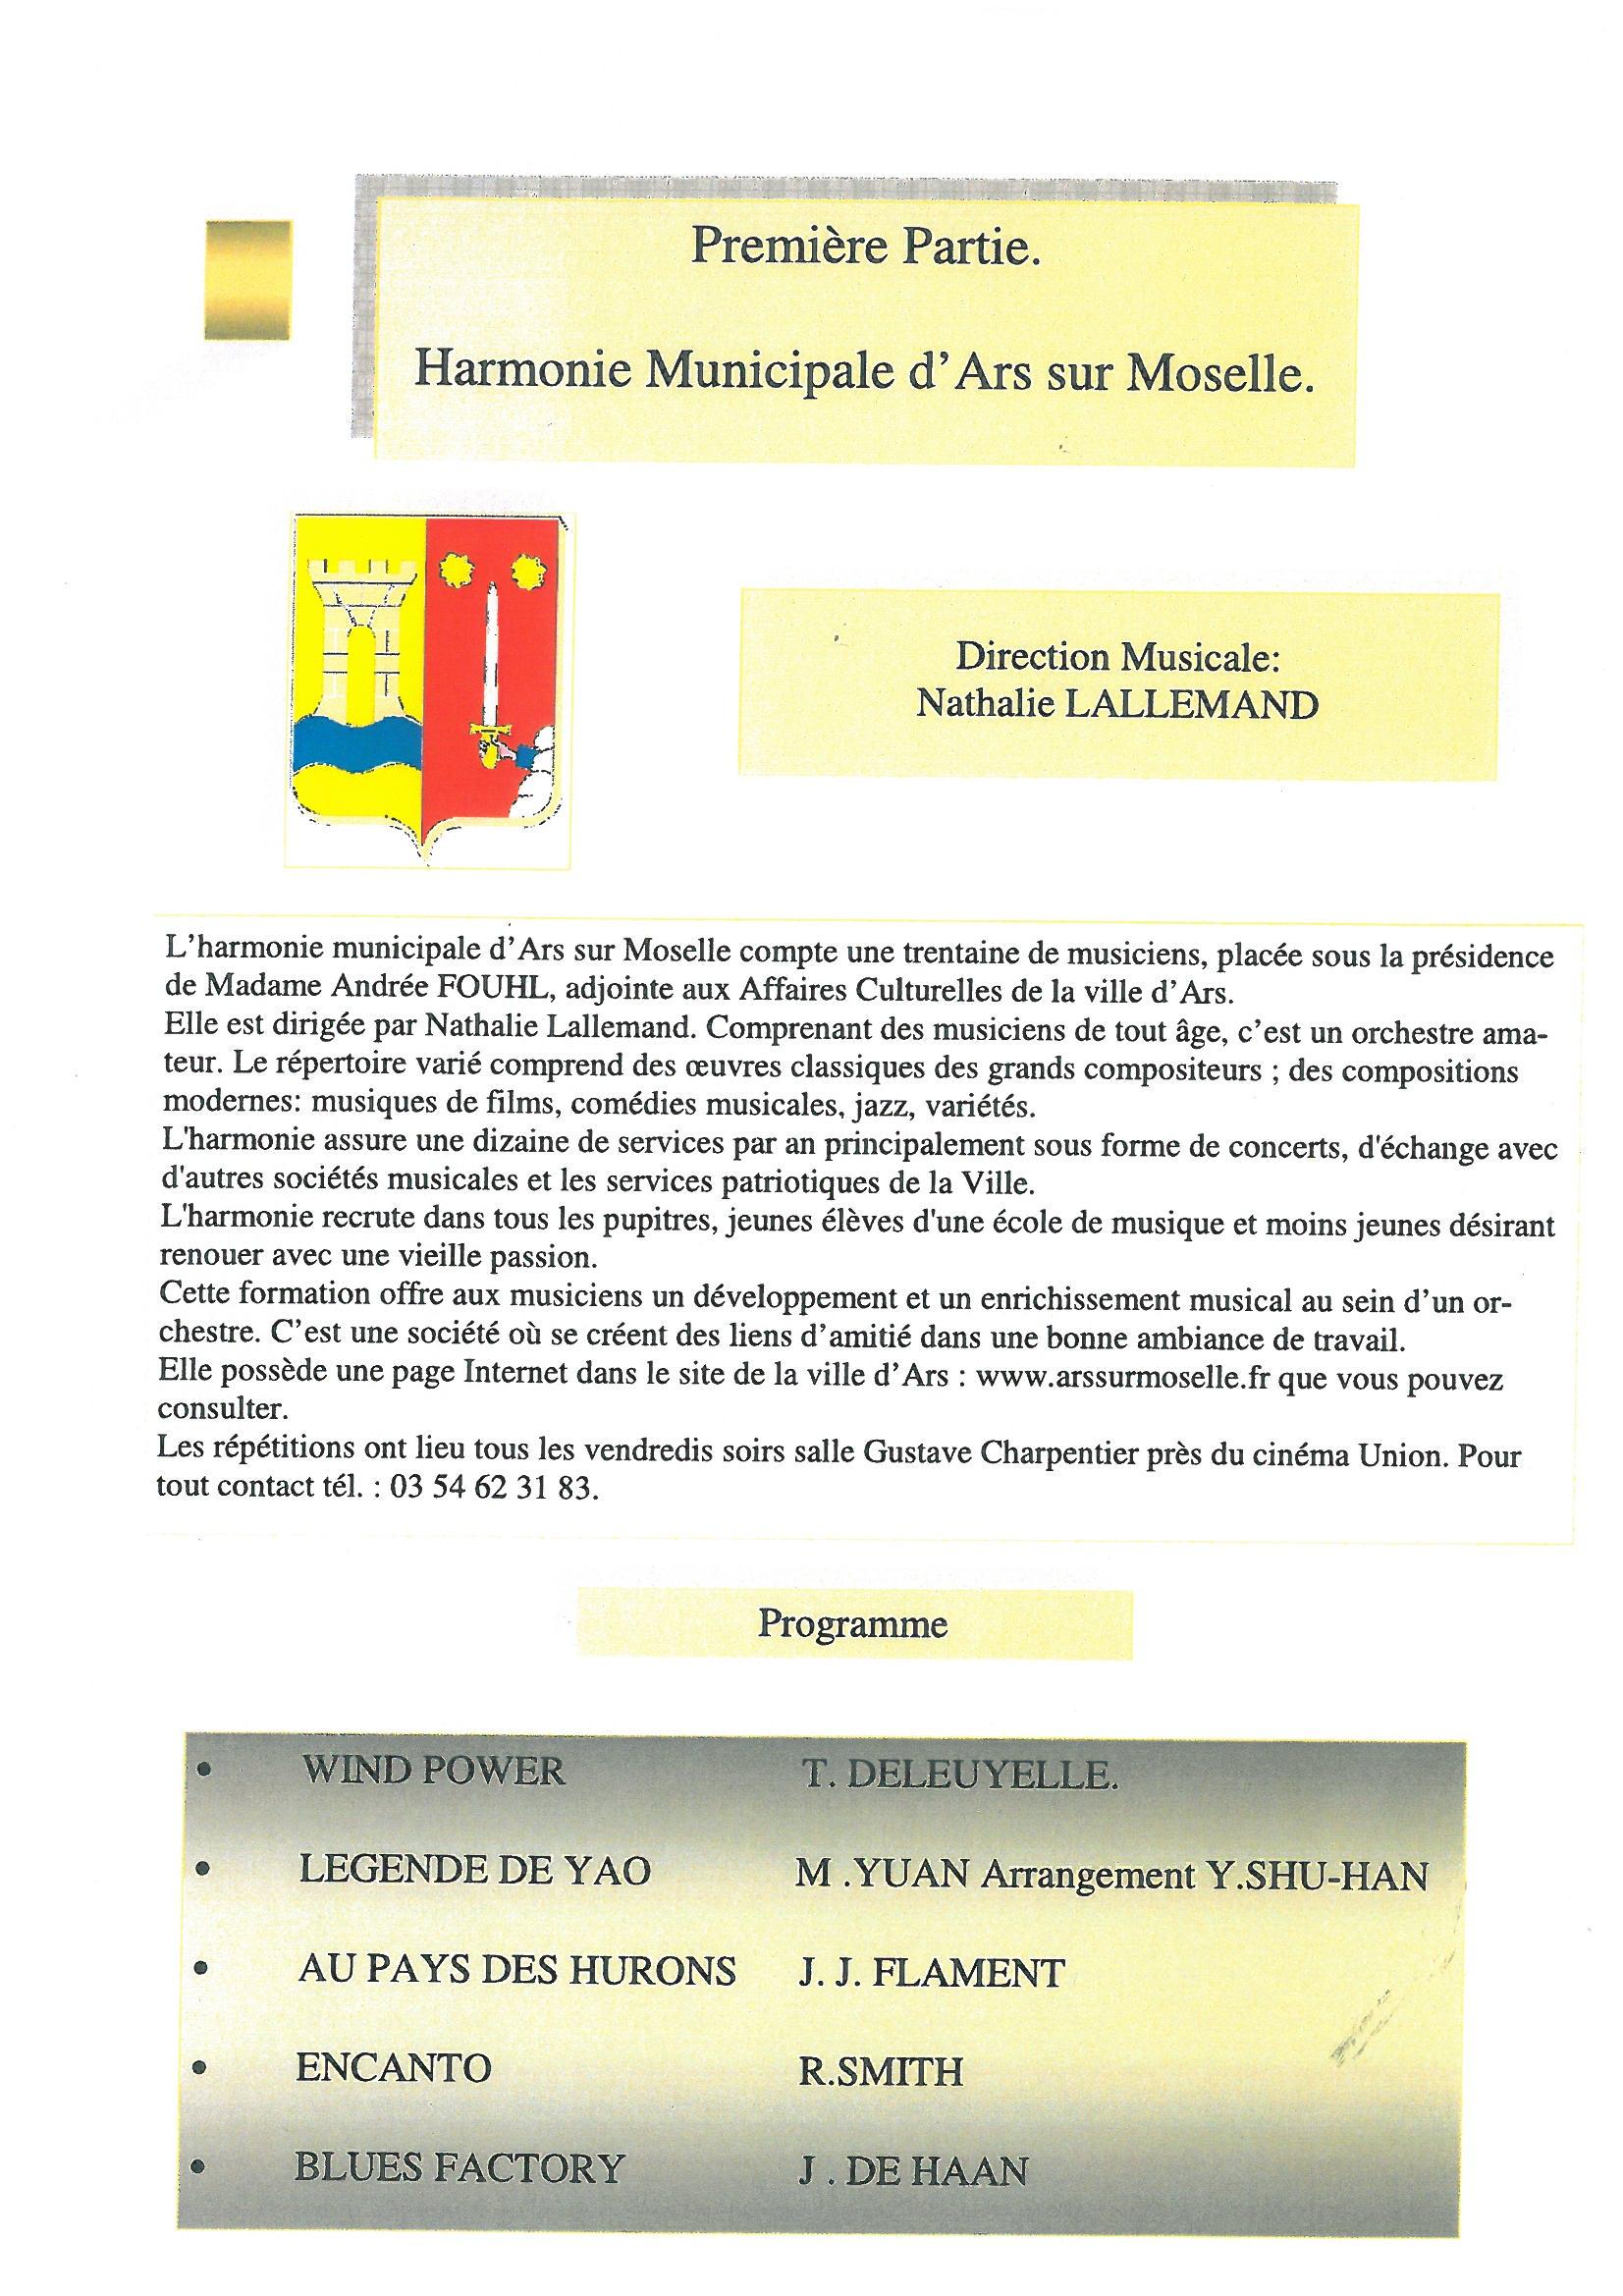 CONCERT DE PRINTEMPS de l'HARMONIE MUNICIPALE dimanche 18 mai